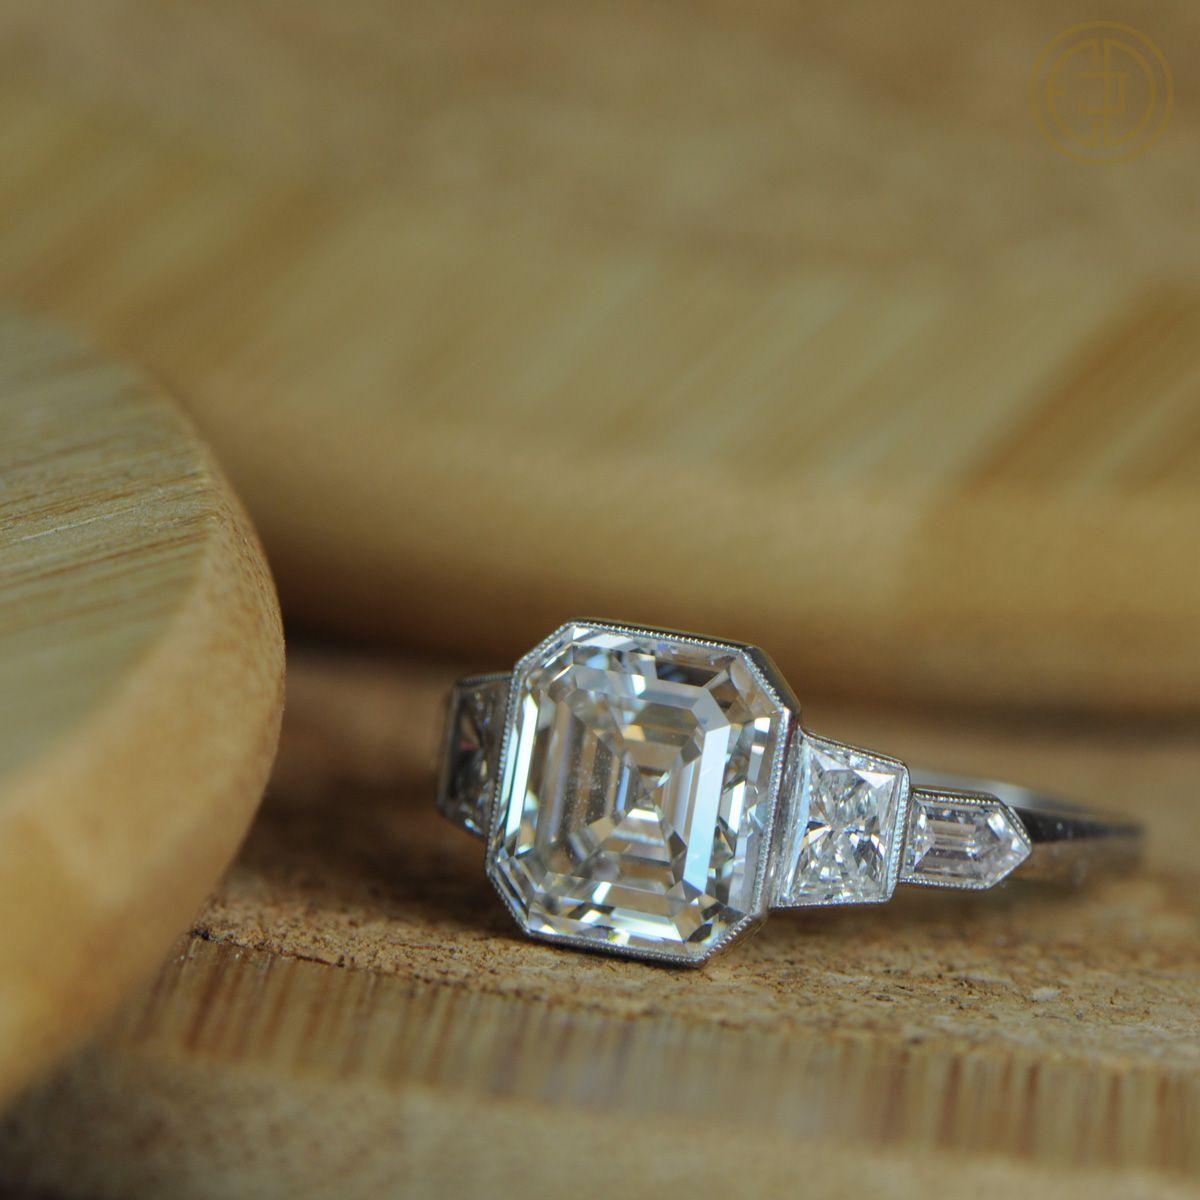 94a8c1cb9a8 What is an Asscher Cut Diamond? | Shine Bright Like a Diamond ...